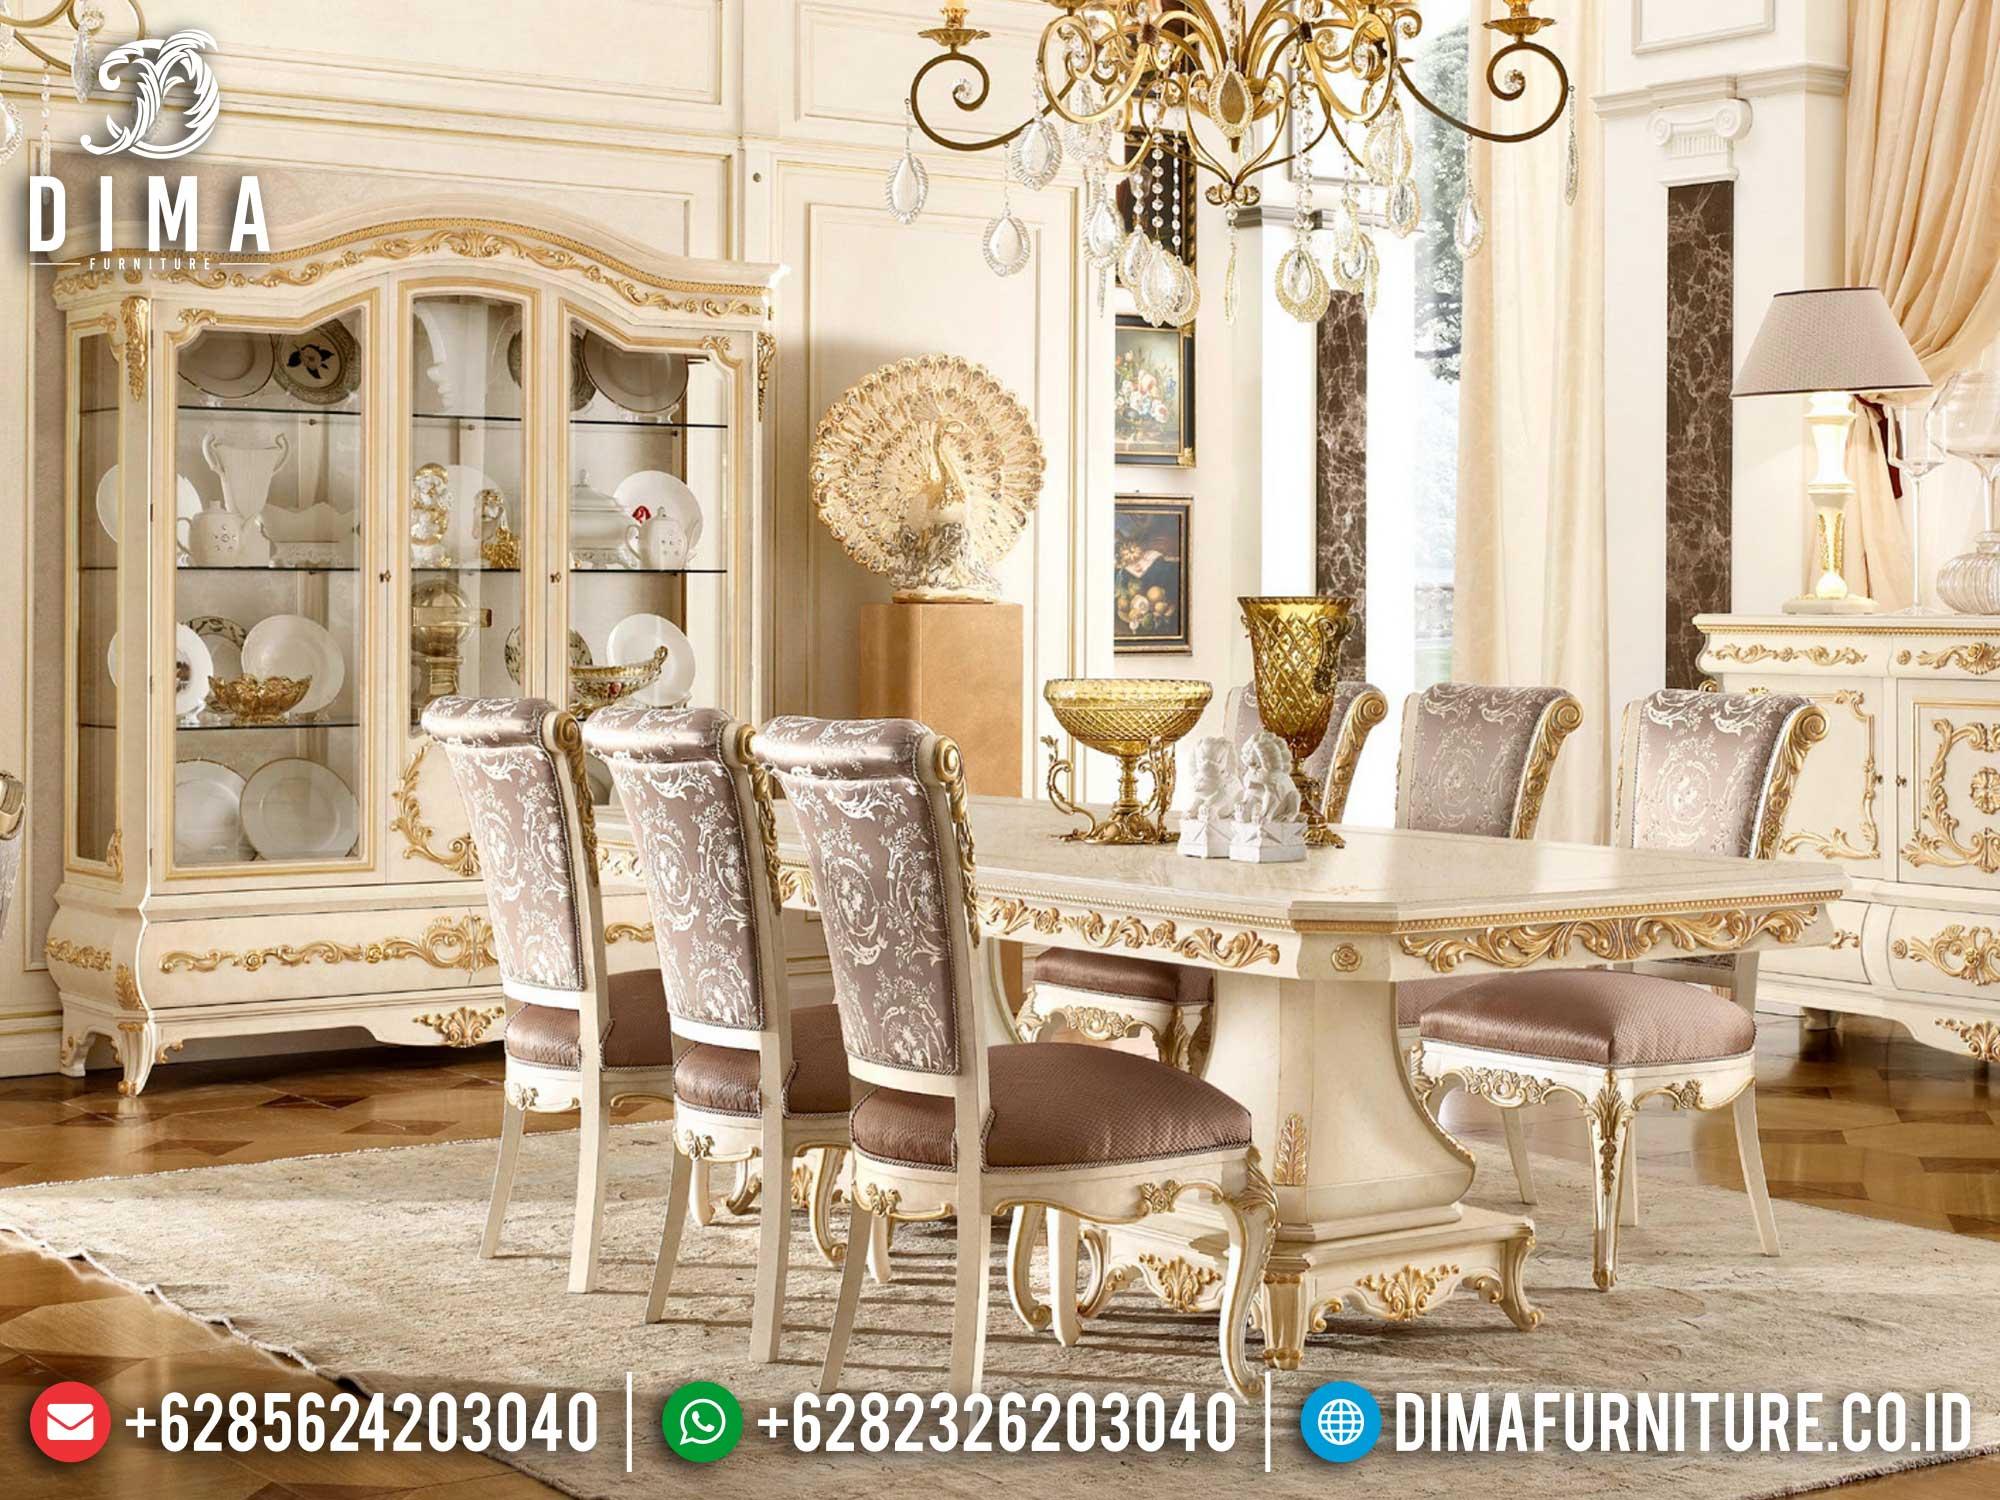 New Meja Makan Mewah Jepara Luxury Carving Premiere Dining Room Style ST-1216